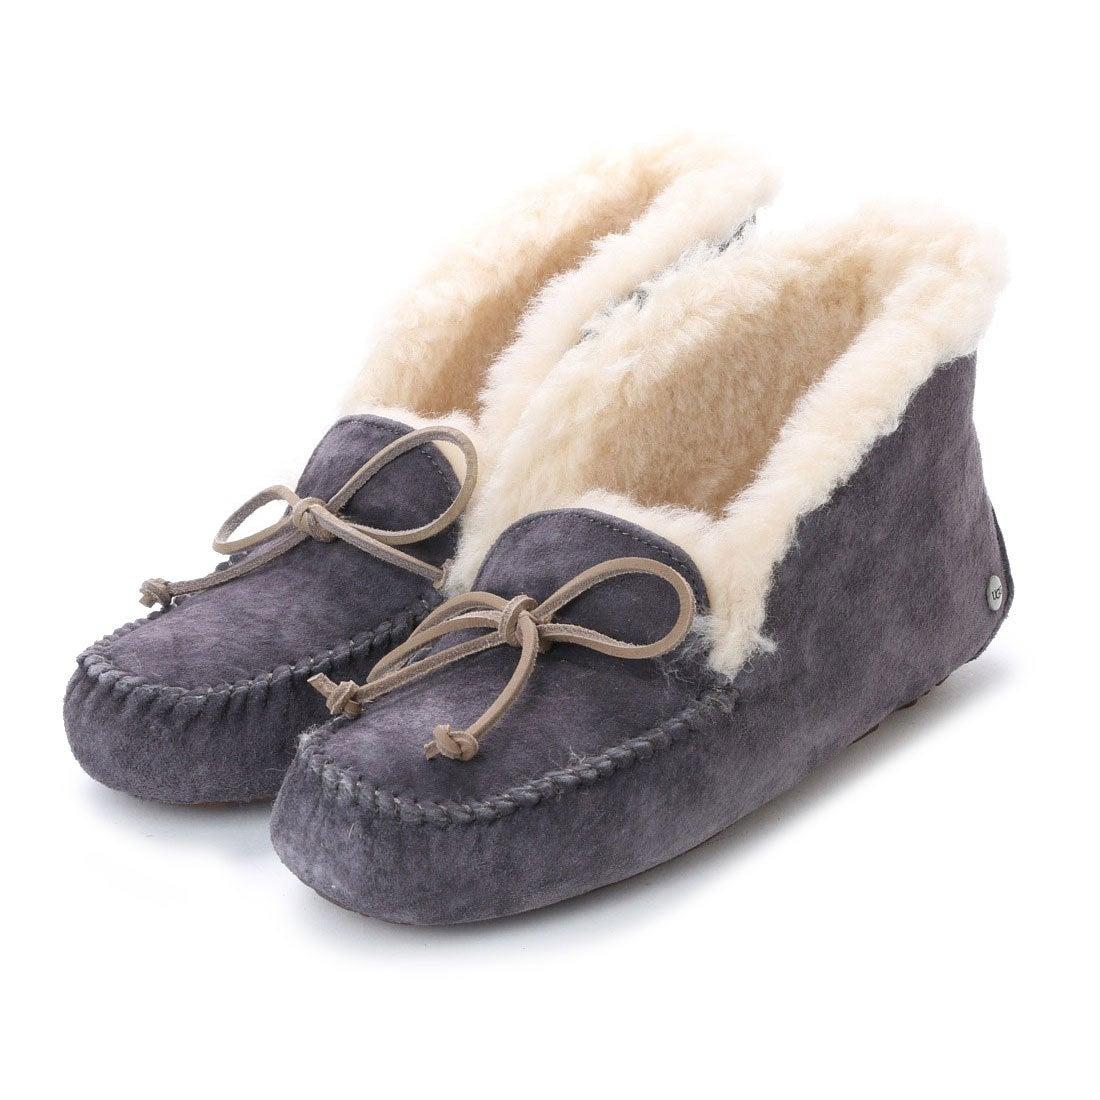 40f3dadbcd8c アグ UGG 1004806 W ALENA (ナイトフォール) -靴&ファッション通販 ロコンド〜自宅で試着、気軽に返品